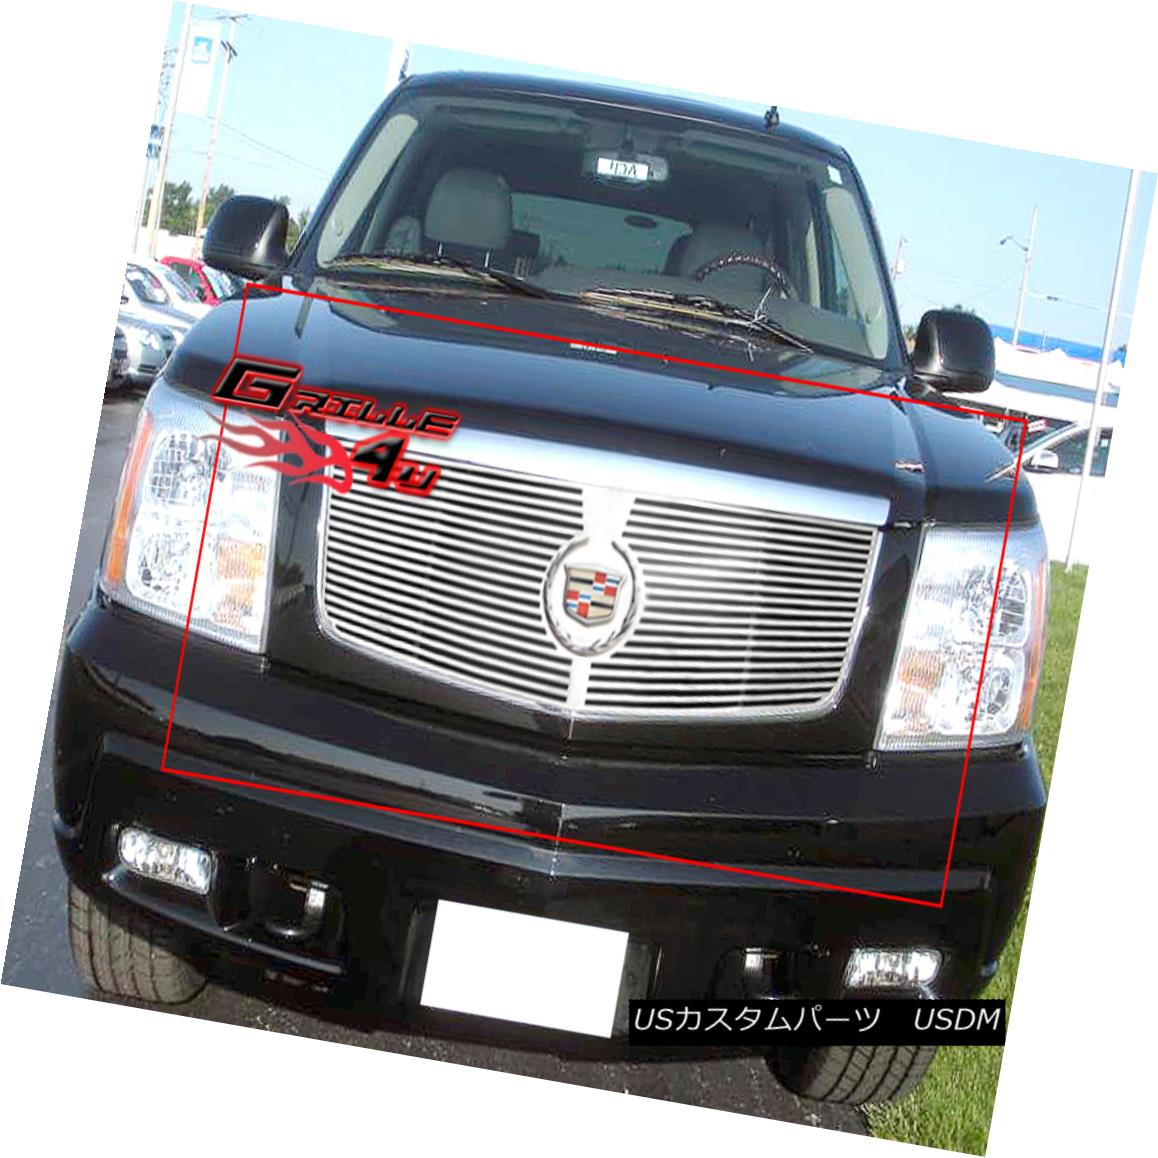 グリル Fits 2002-2006 Cadillac Escalade Perimeter Grille Insert フィット2002-2006キャデラックエスカレードペリメーターグリルインサート